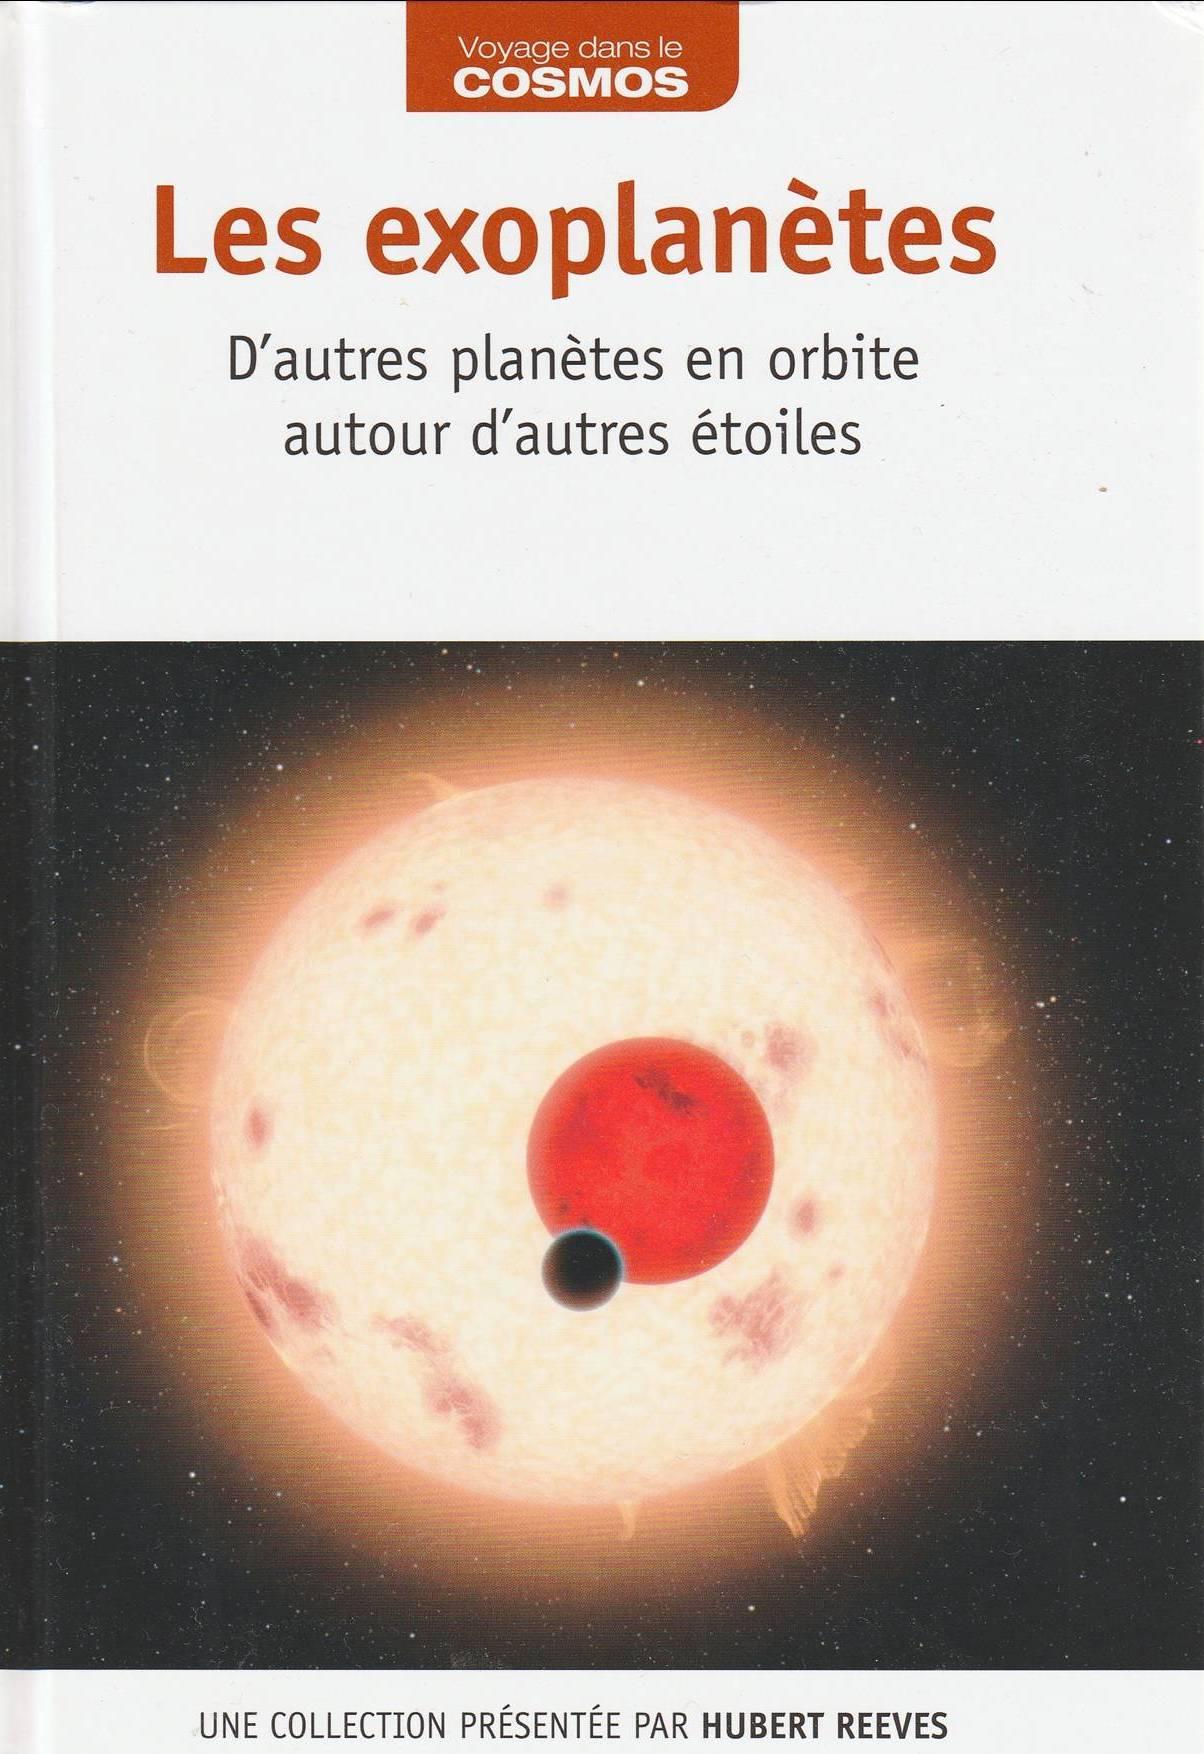 Exoplanètes 01.jpg